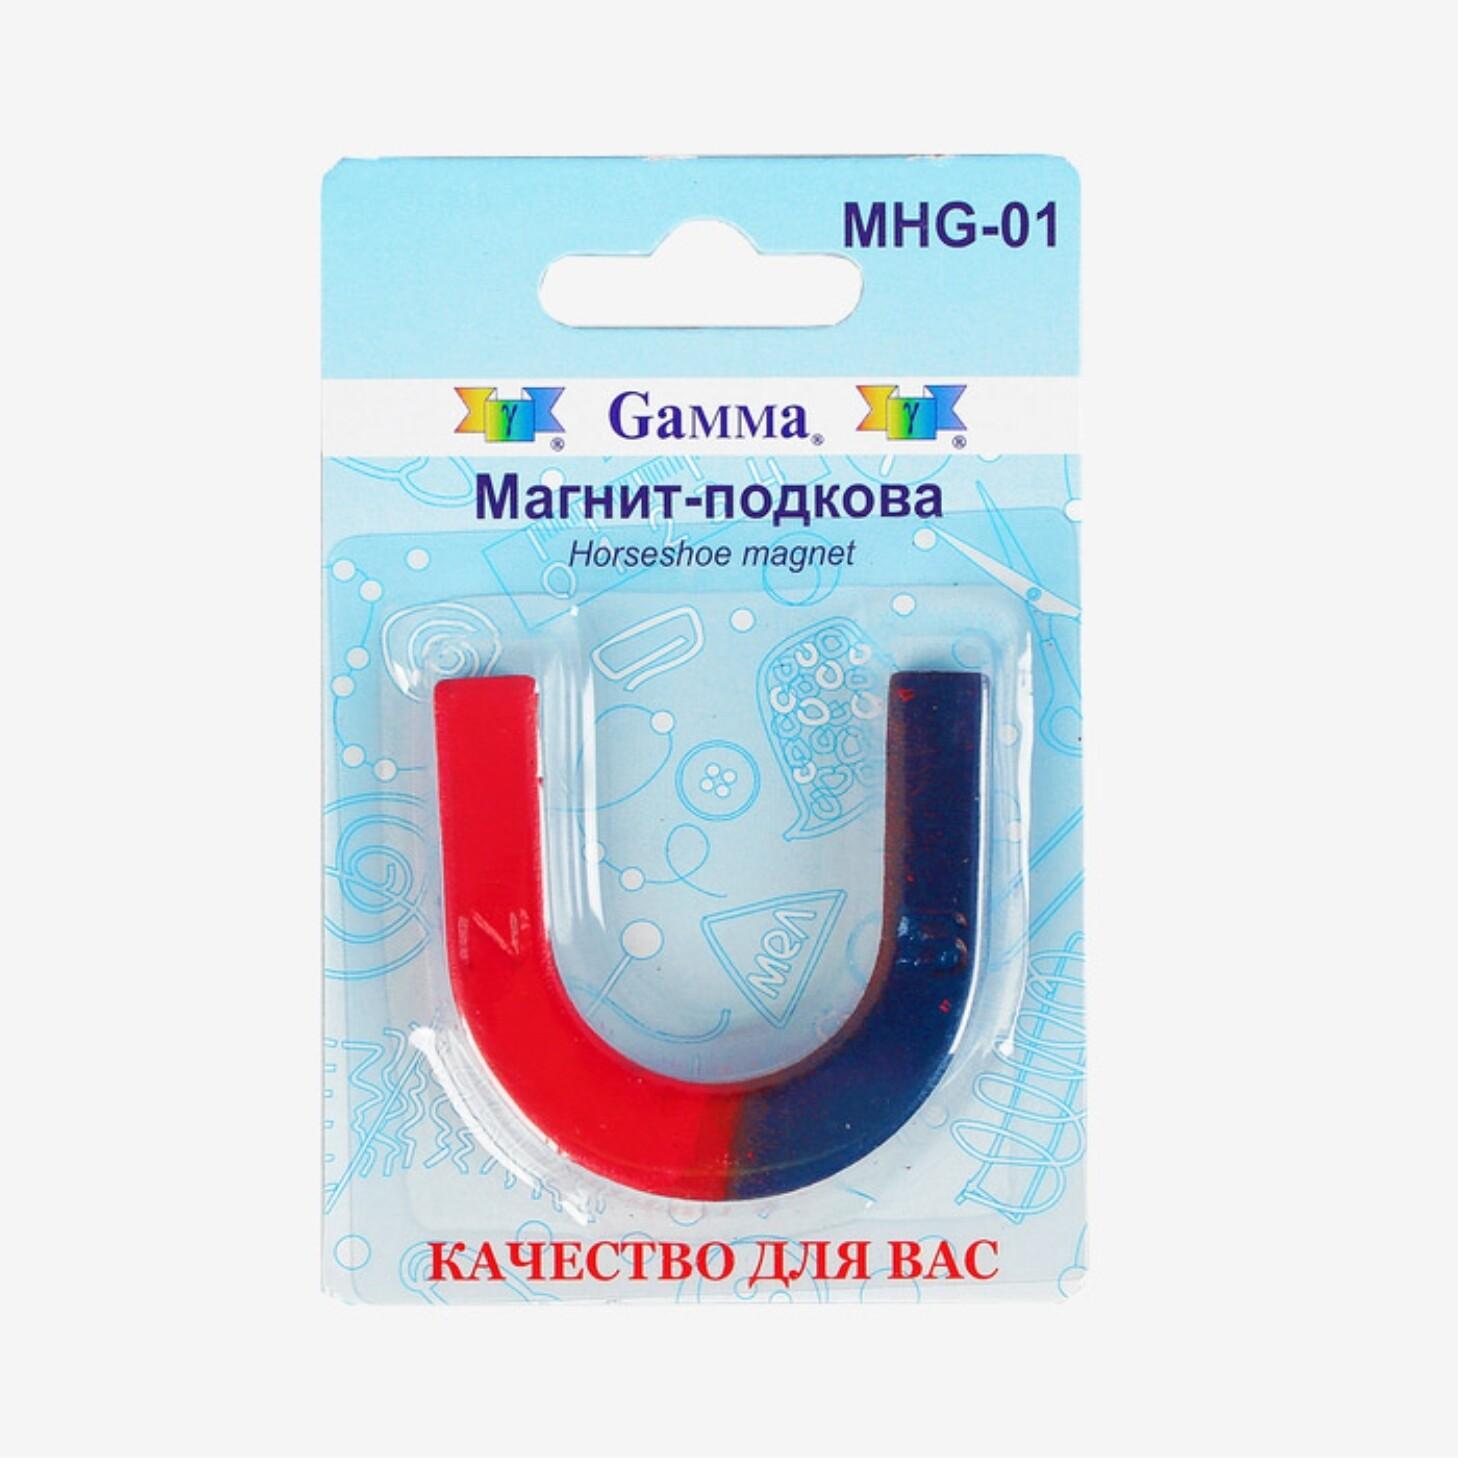 Магнит-подкова для опытов Gamma Horseshoe magnet